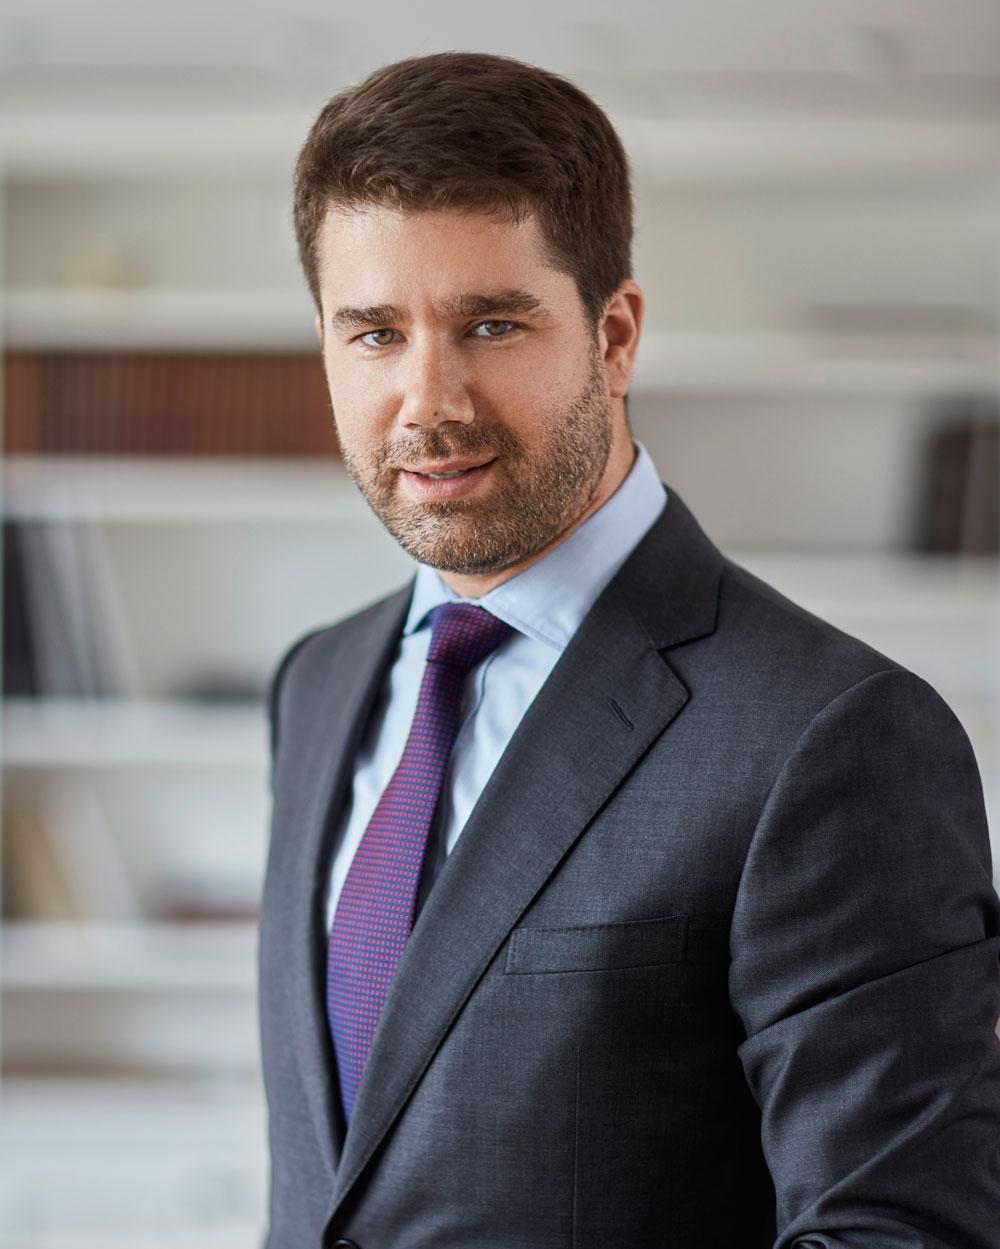 GEOFRROY LEFEBVRE, NUEVO CEO DE BAUME & MERCIER